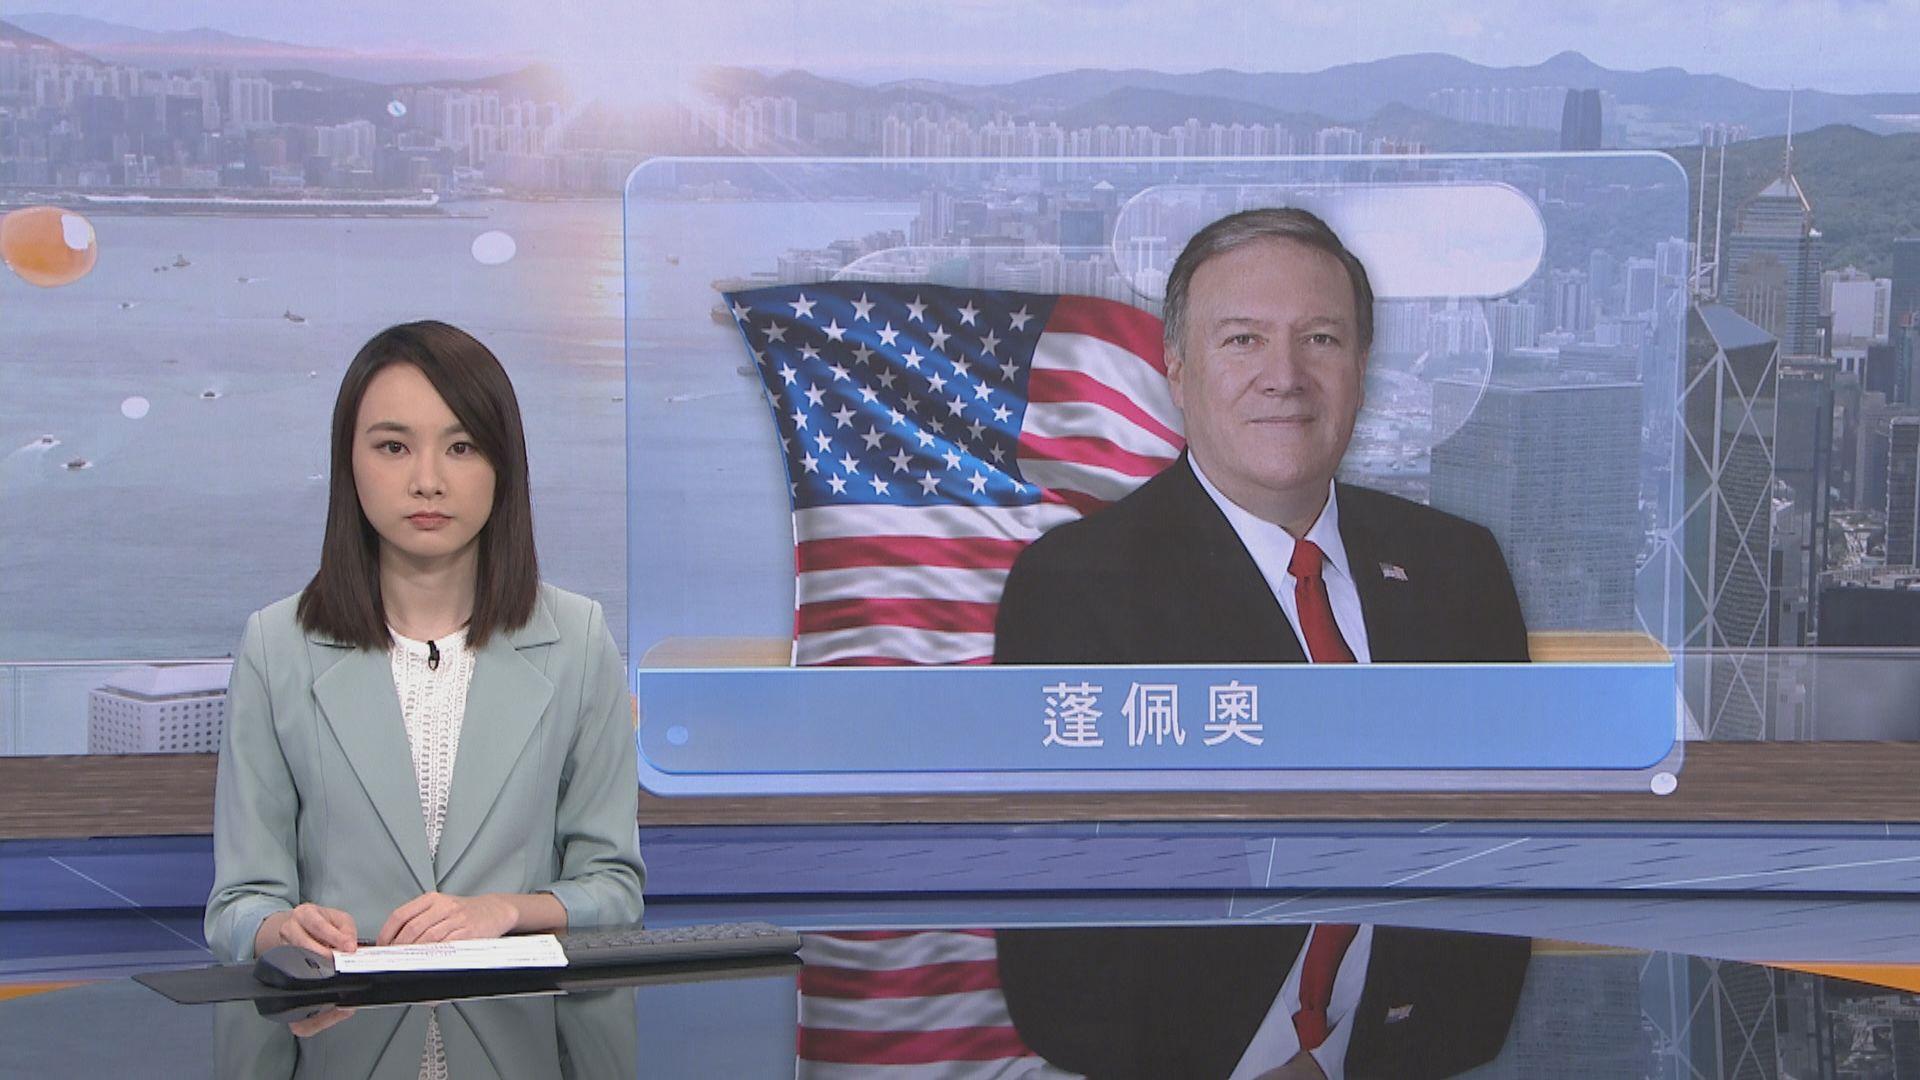 蓬佩奧指北京於中印衝突中行動具侵略性